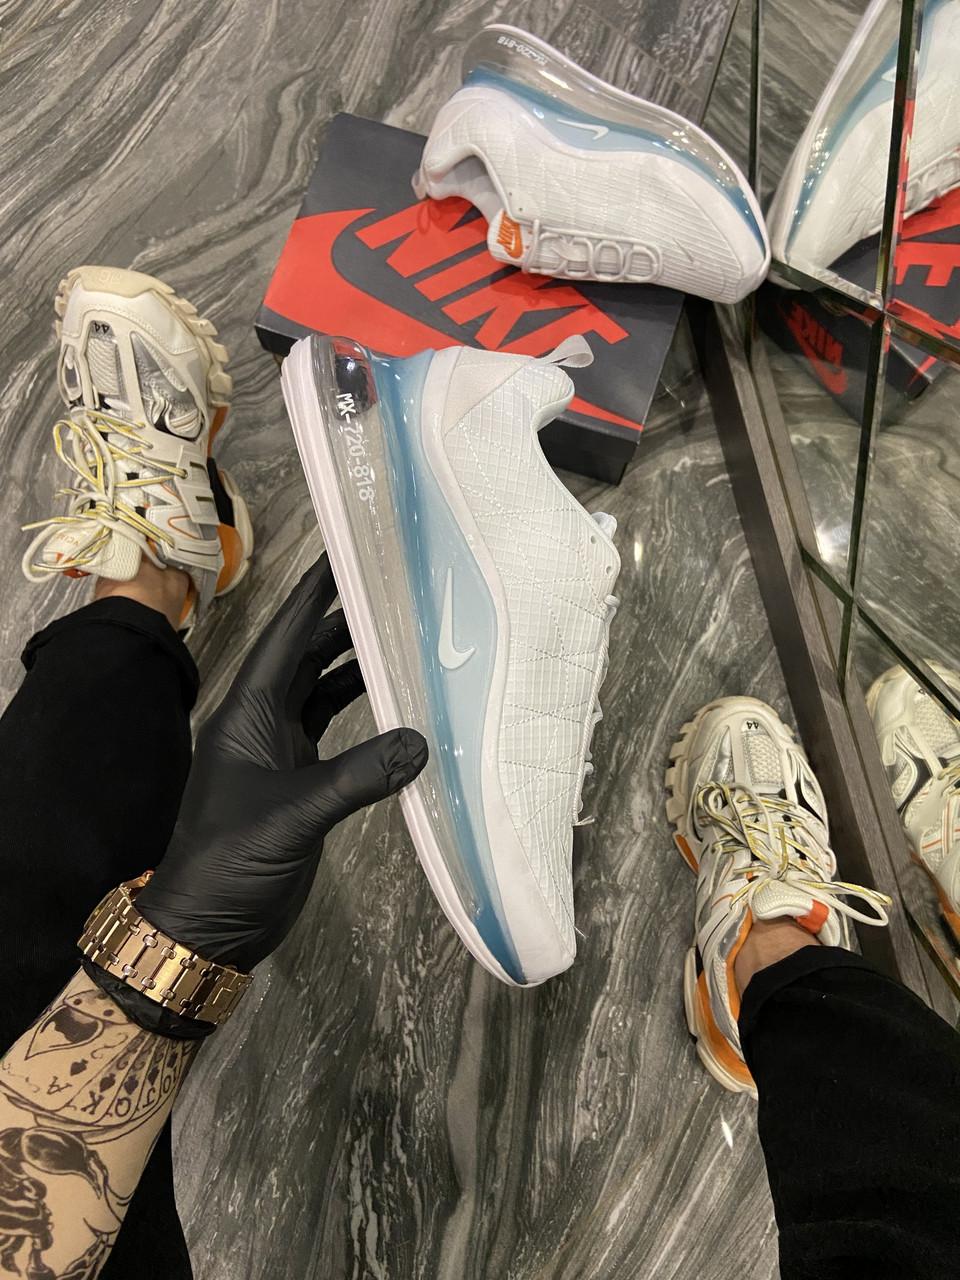 Nk, крос, обувь, взуття, sneakers, шузы, Air Max 720-818 White Idigo Fog (Серый)